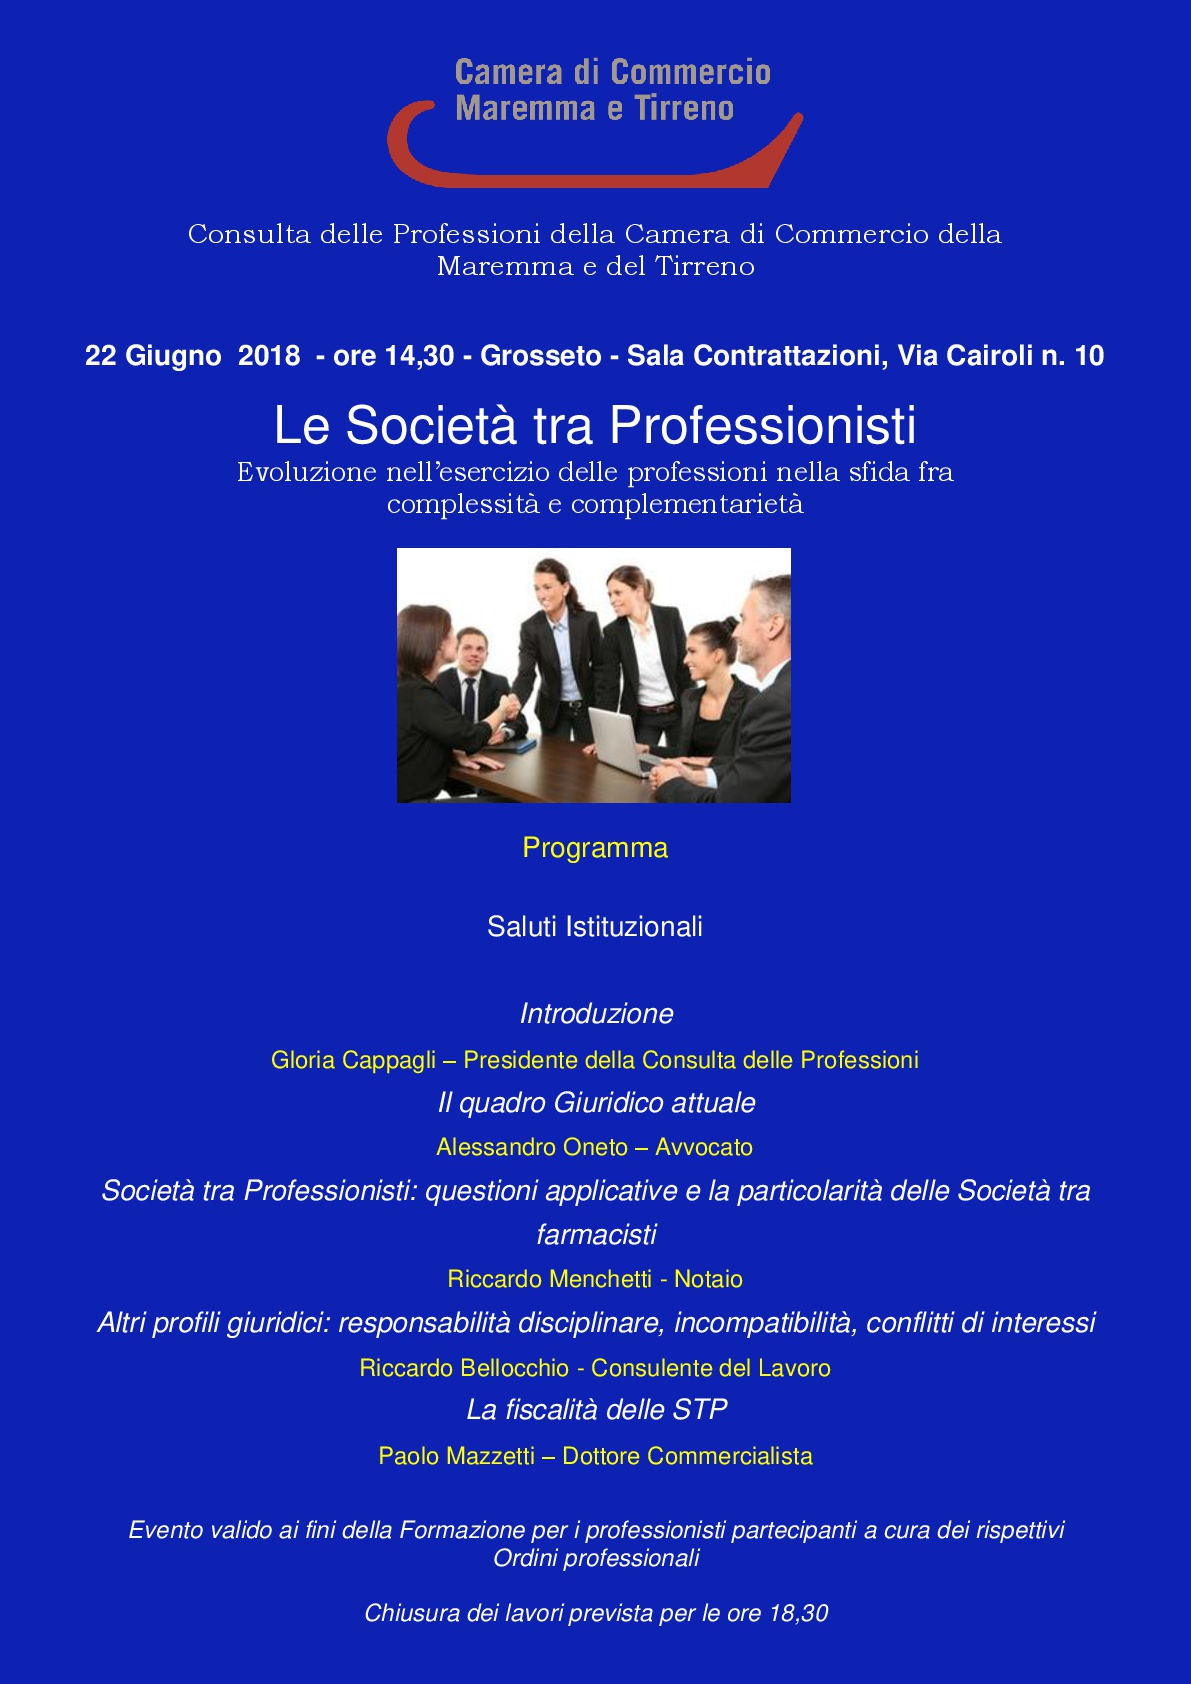 Convegno Le Societa tra Professionisti GR 22 06 2018 001